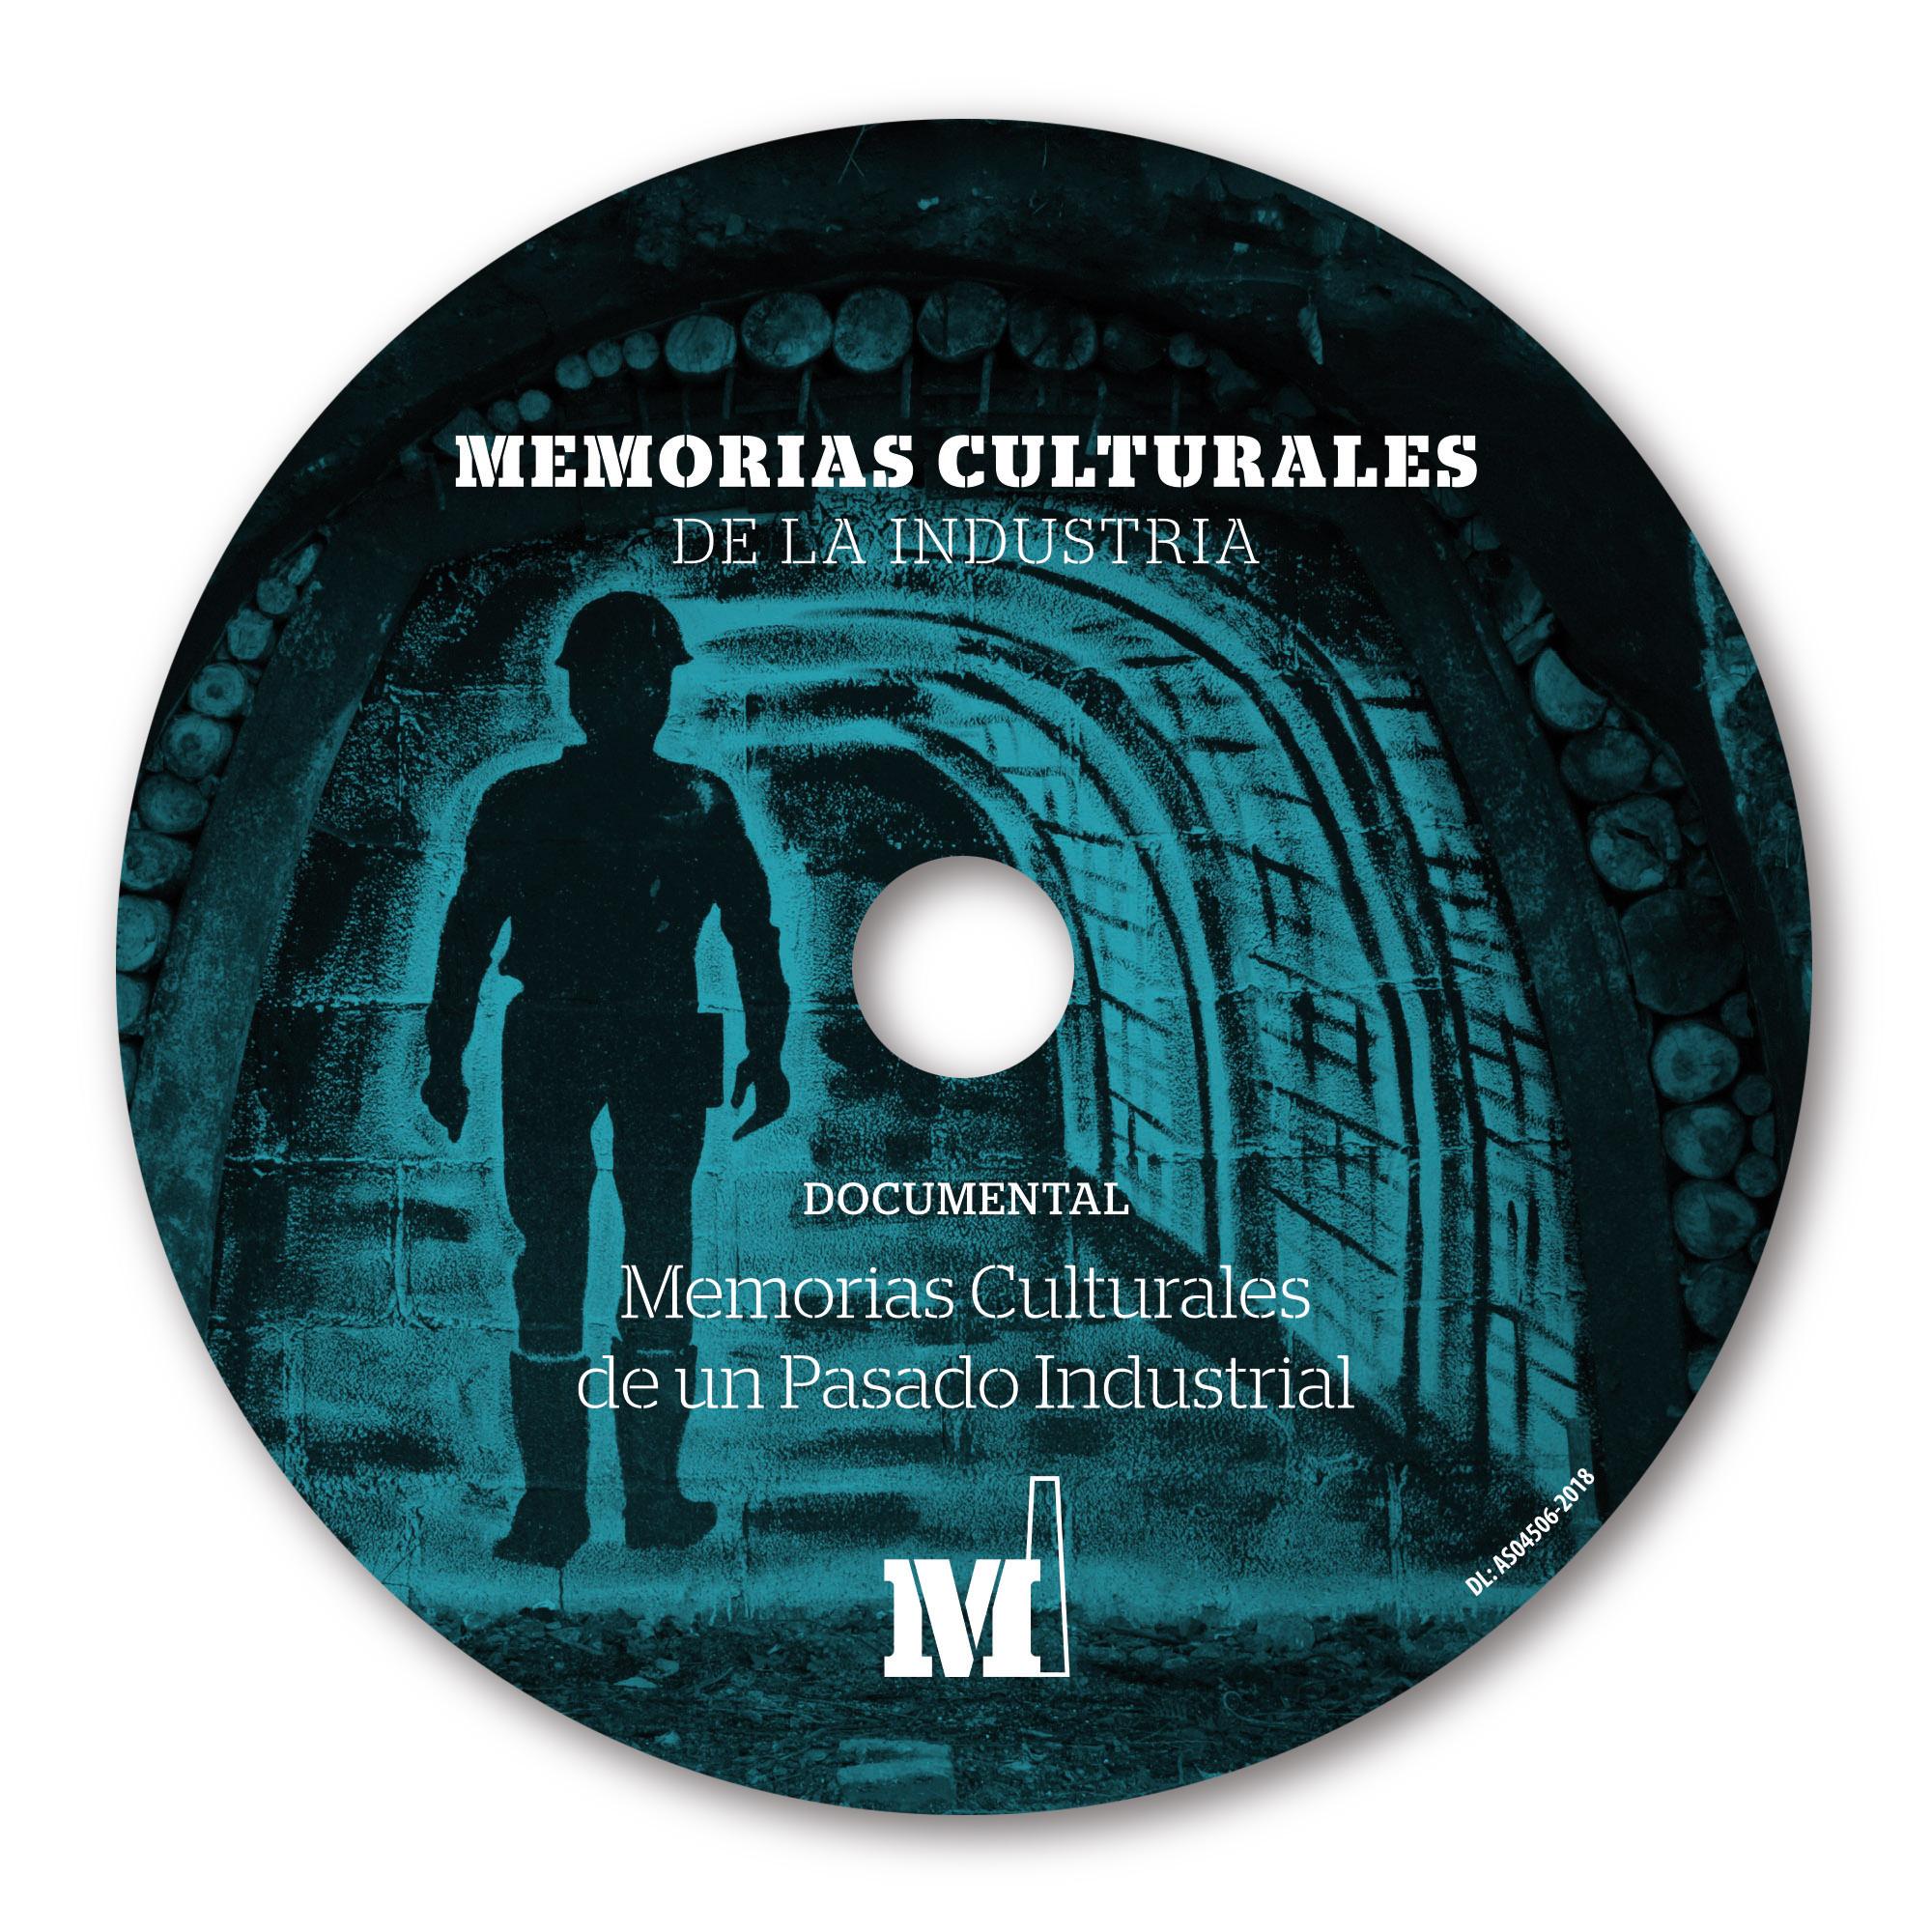 memorias_cd.jpg